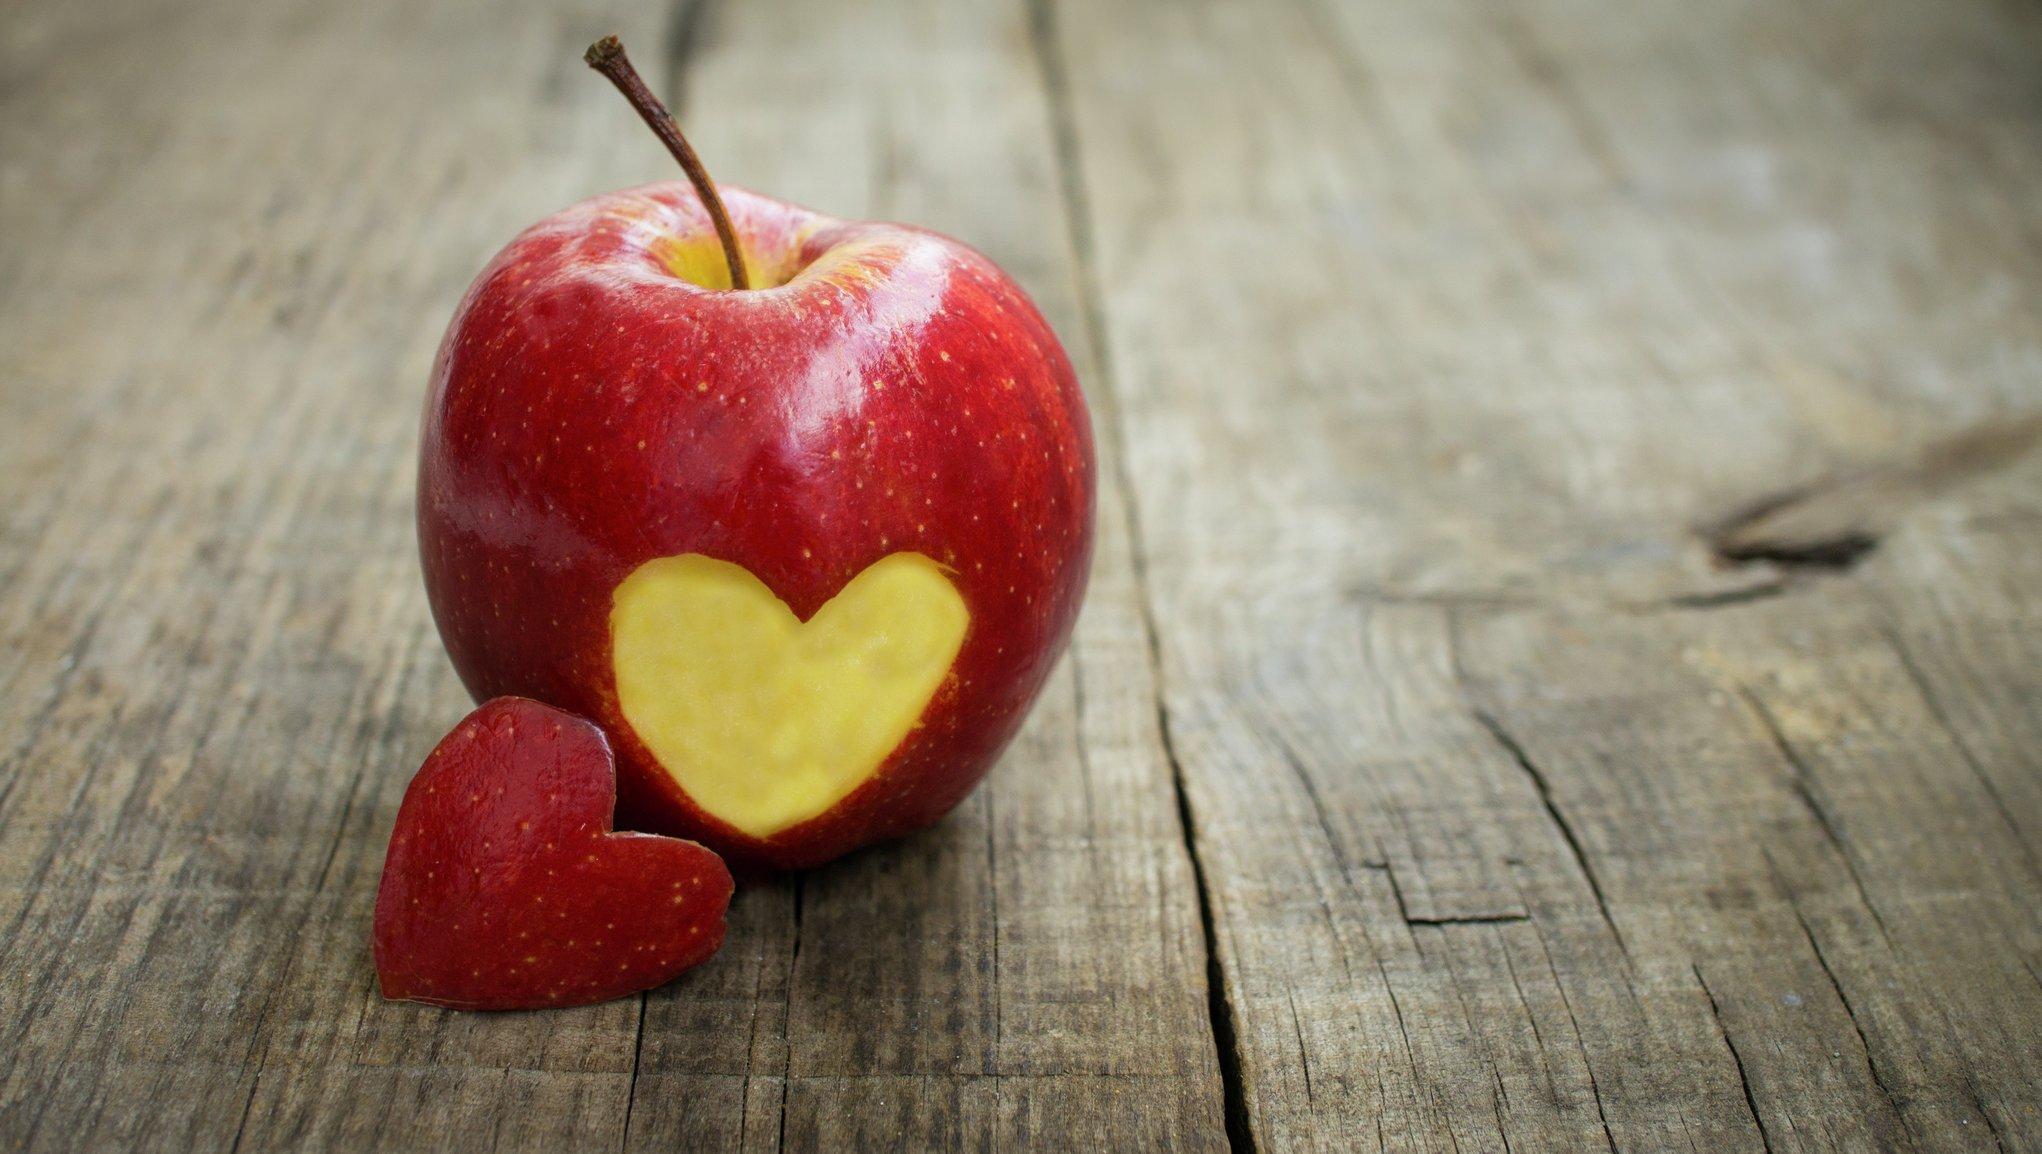 äpple med tugga av hjärta